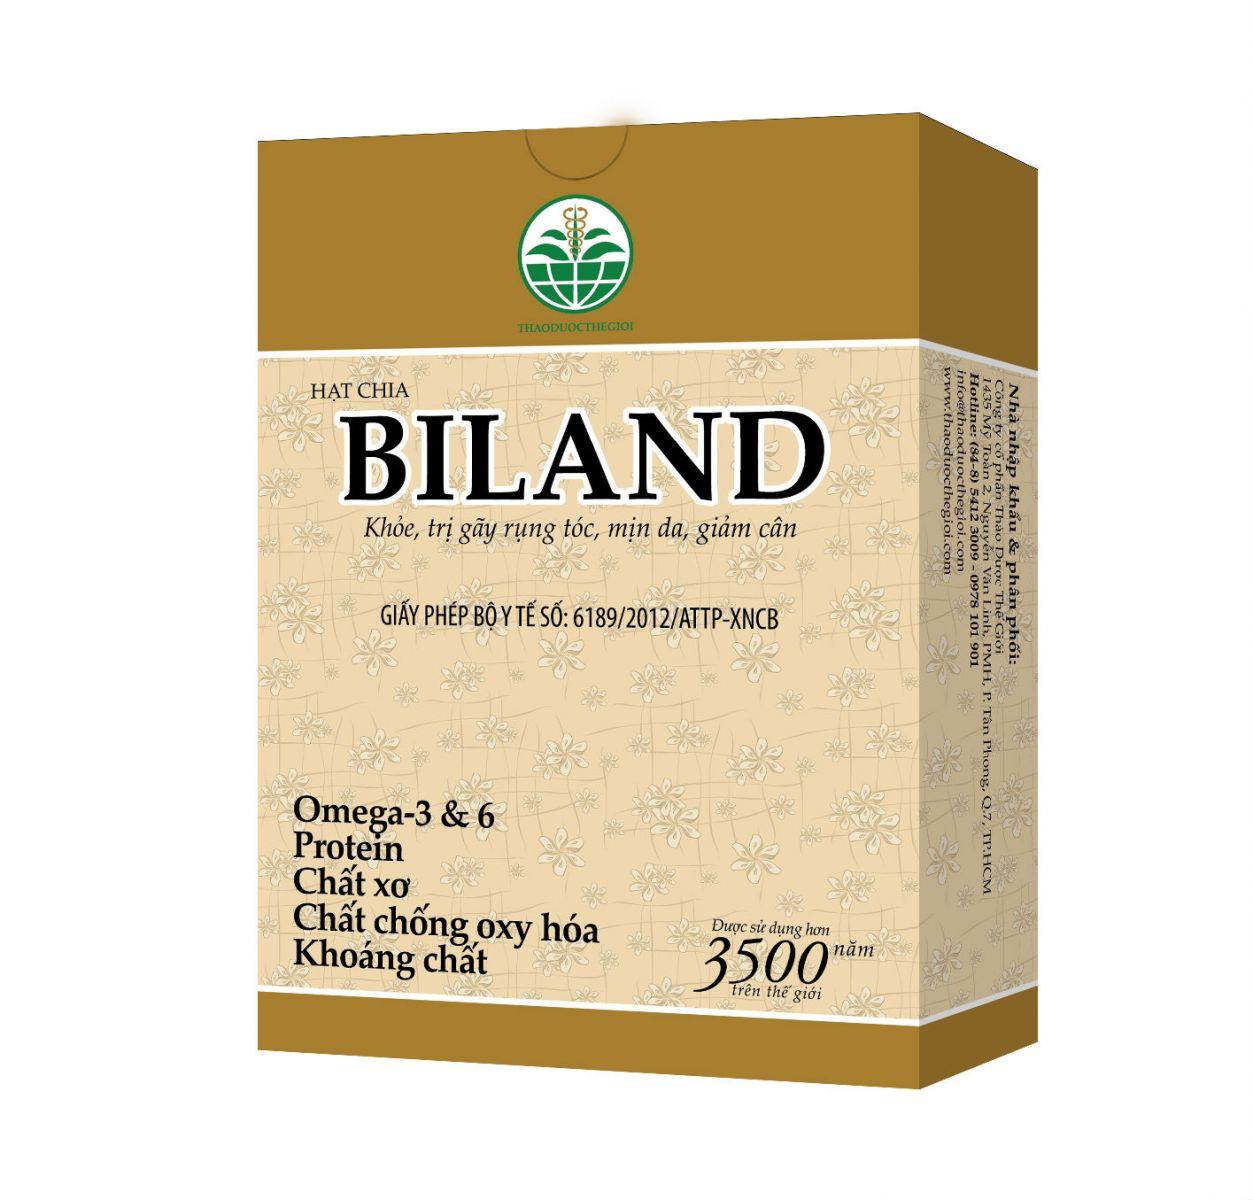 Hạt chia Biland - Cung cấp Omega 3